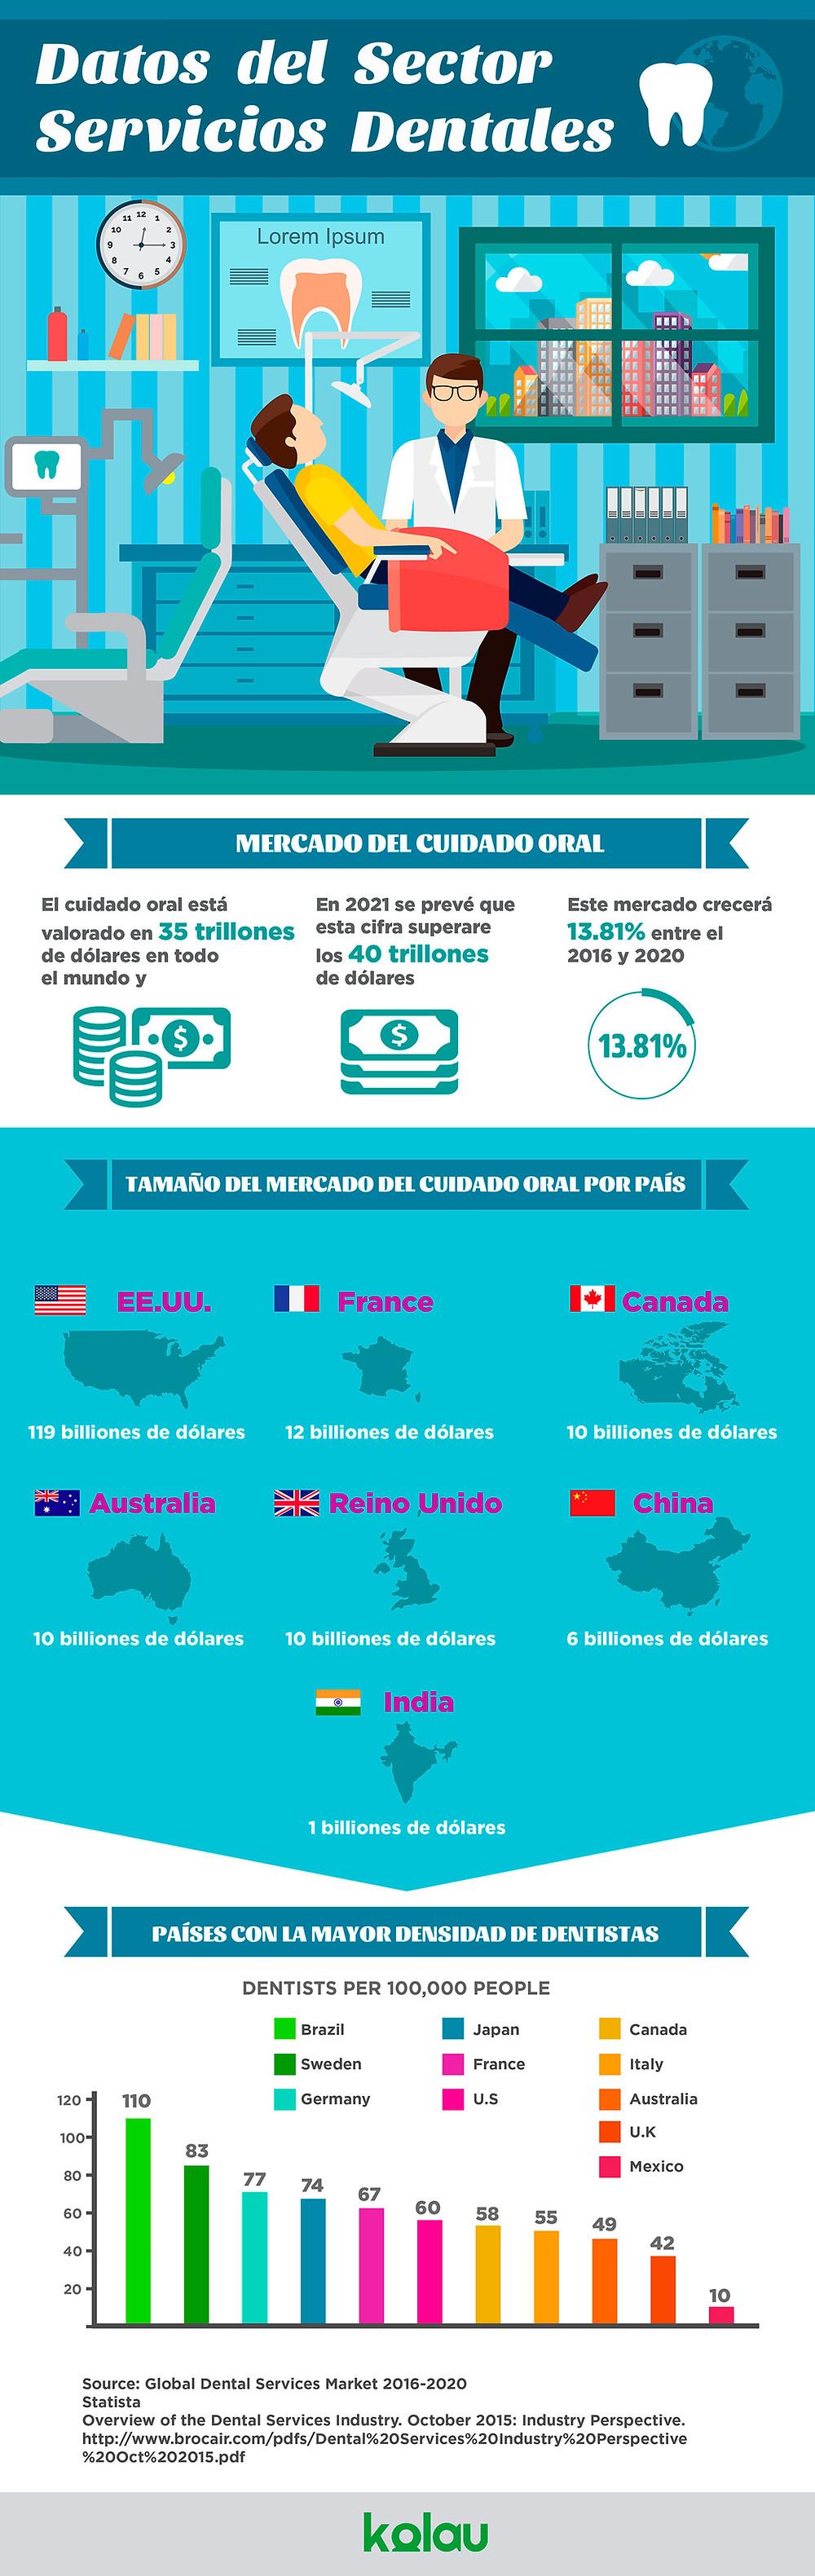 Datos Economicos de la Industrial Dental